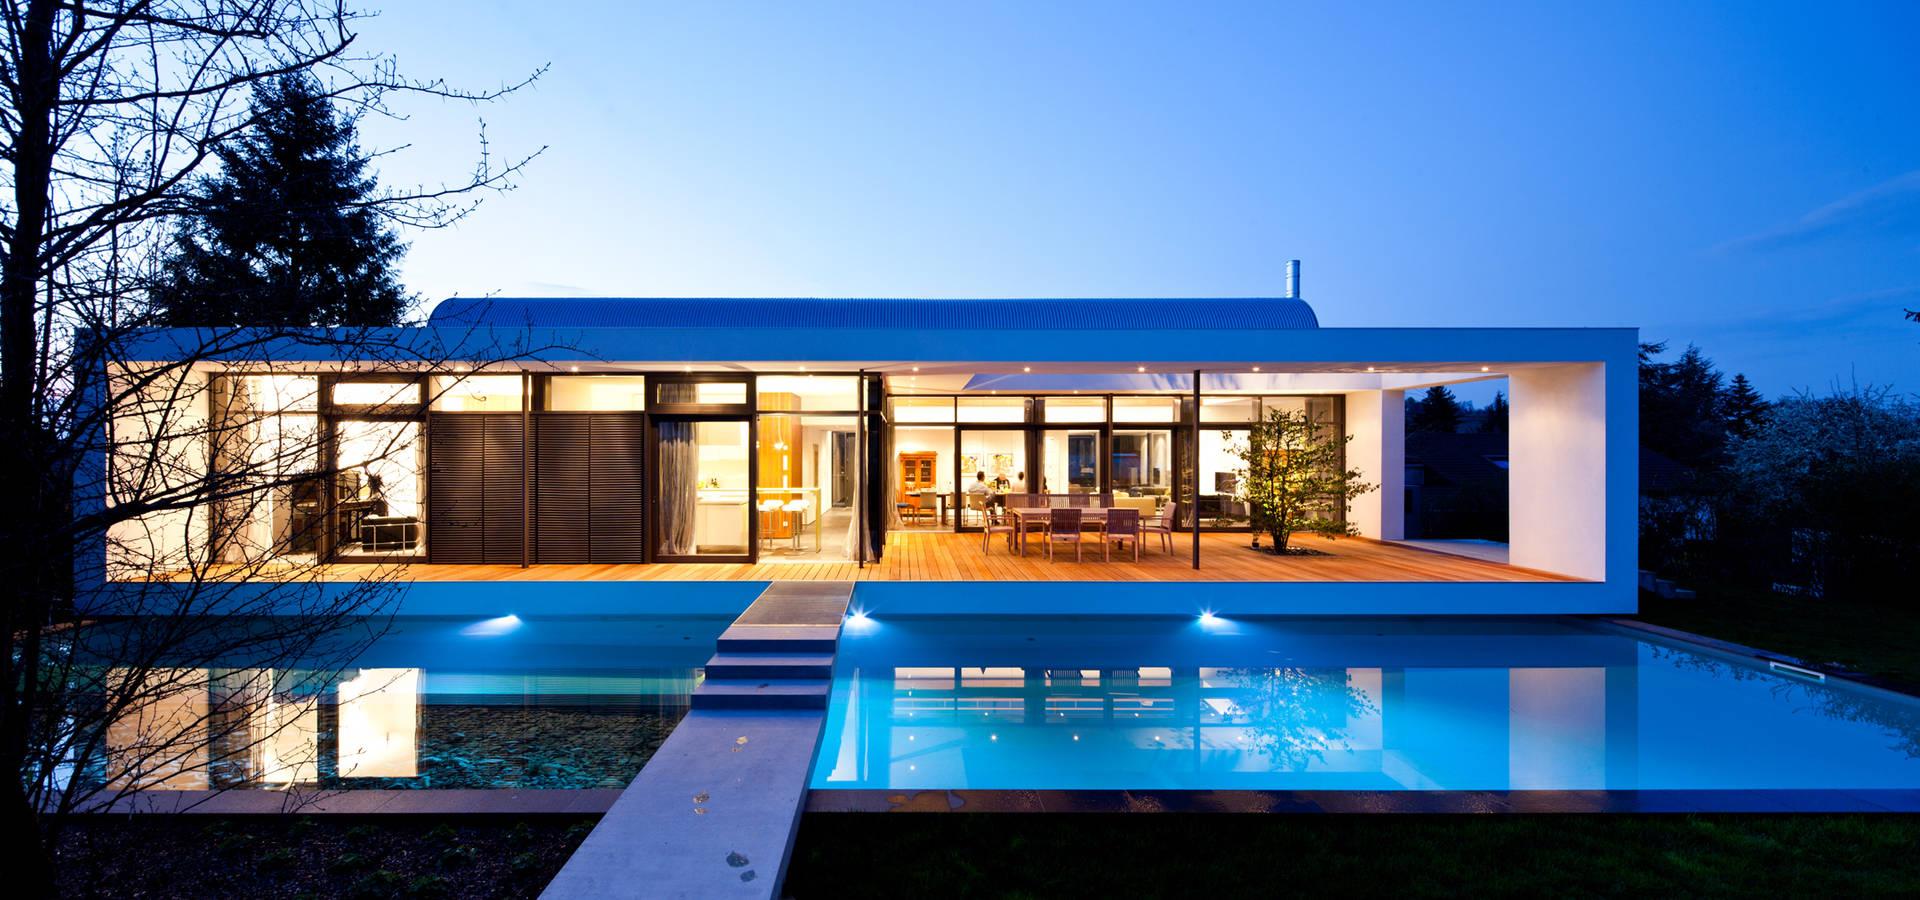 Dettling-Architekten